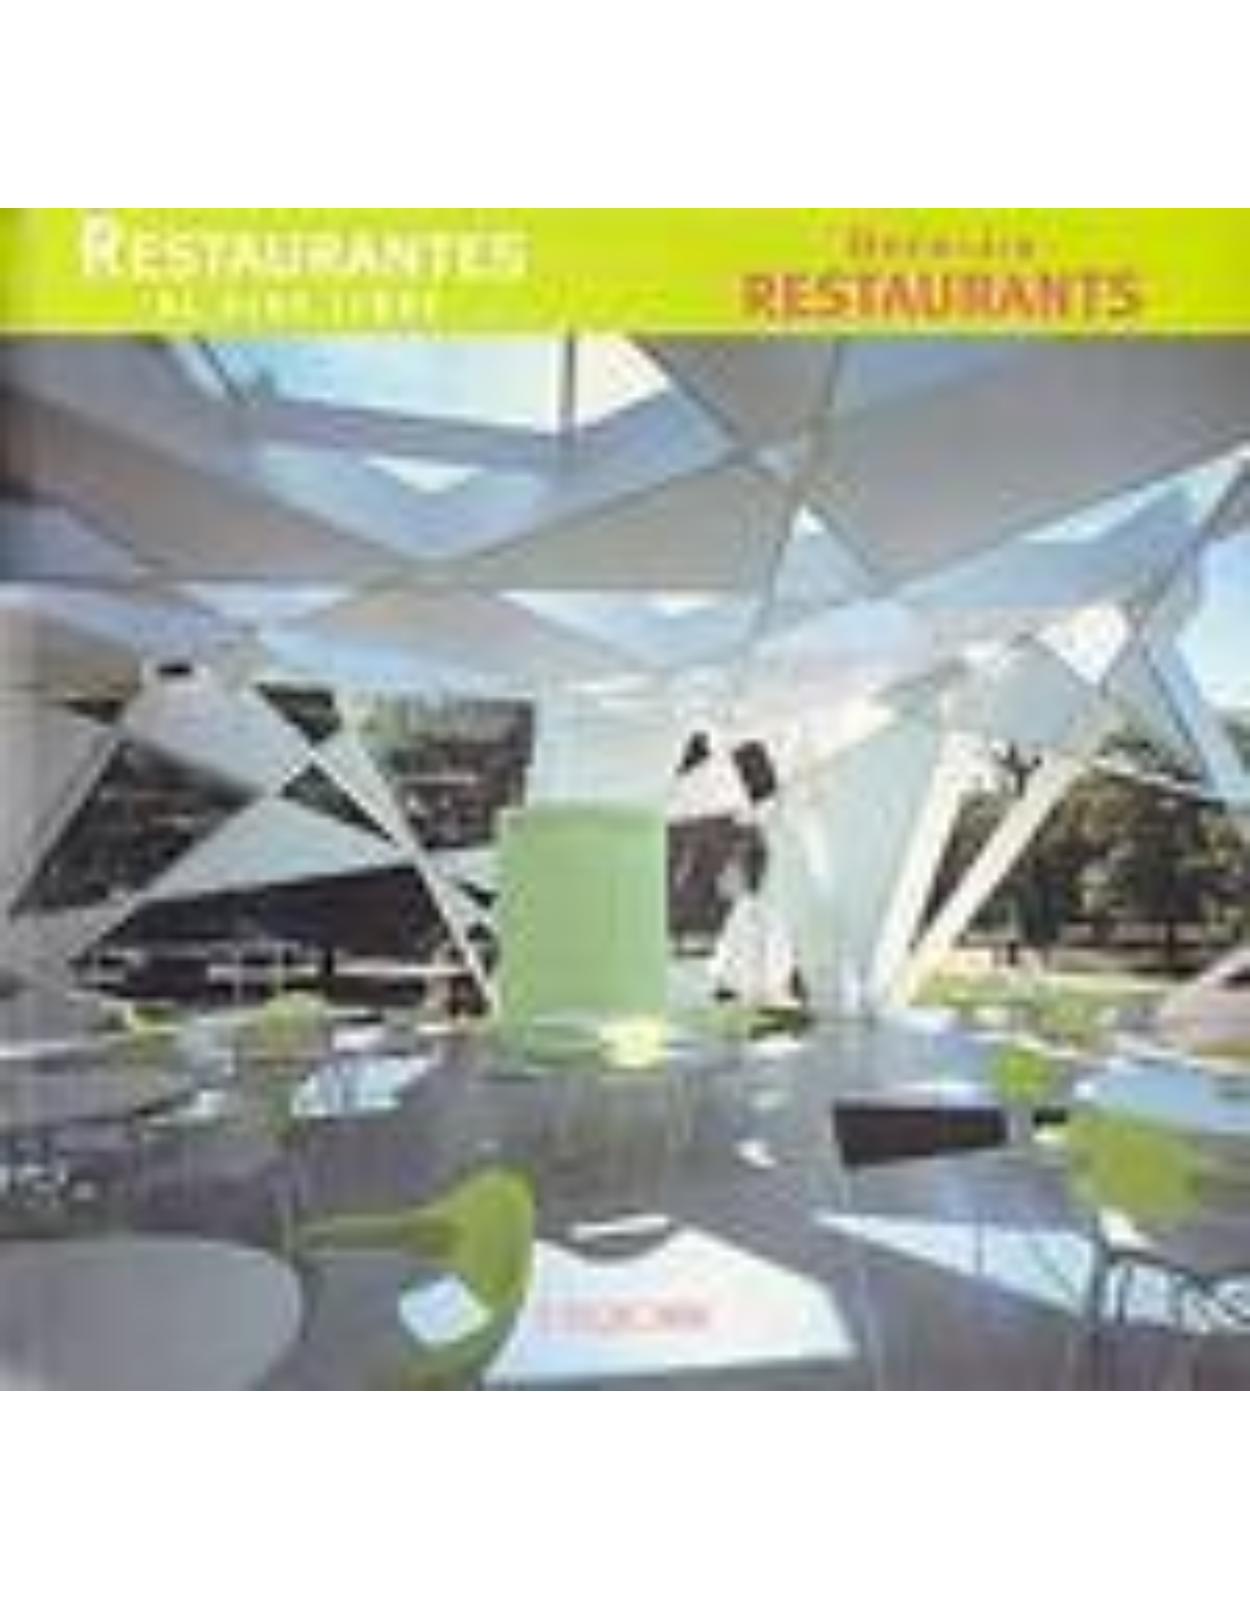 Open-air restaurants